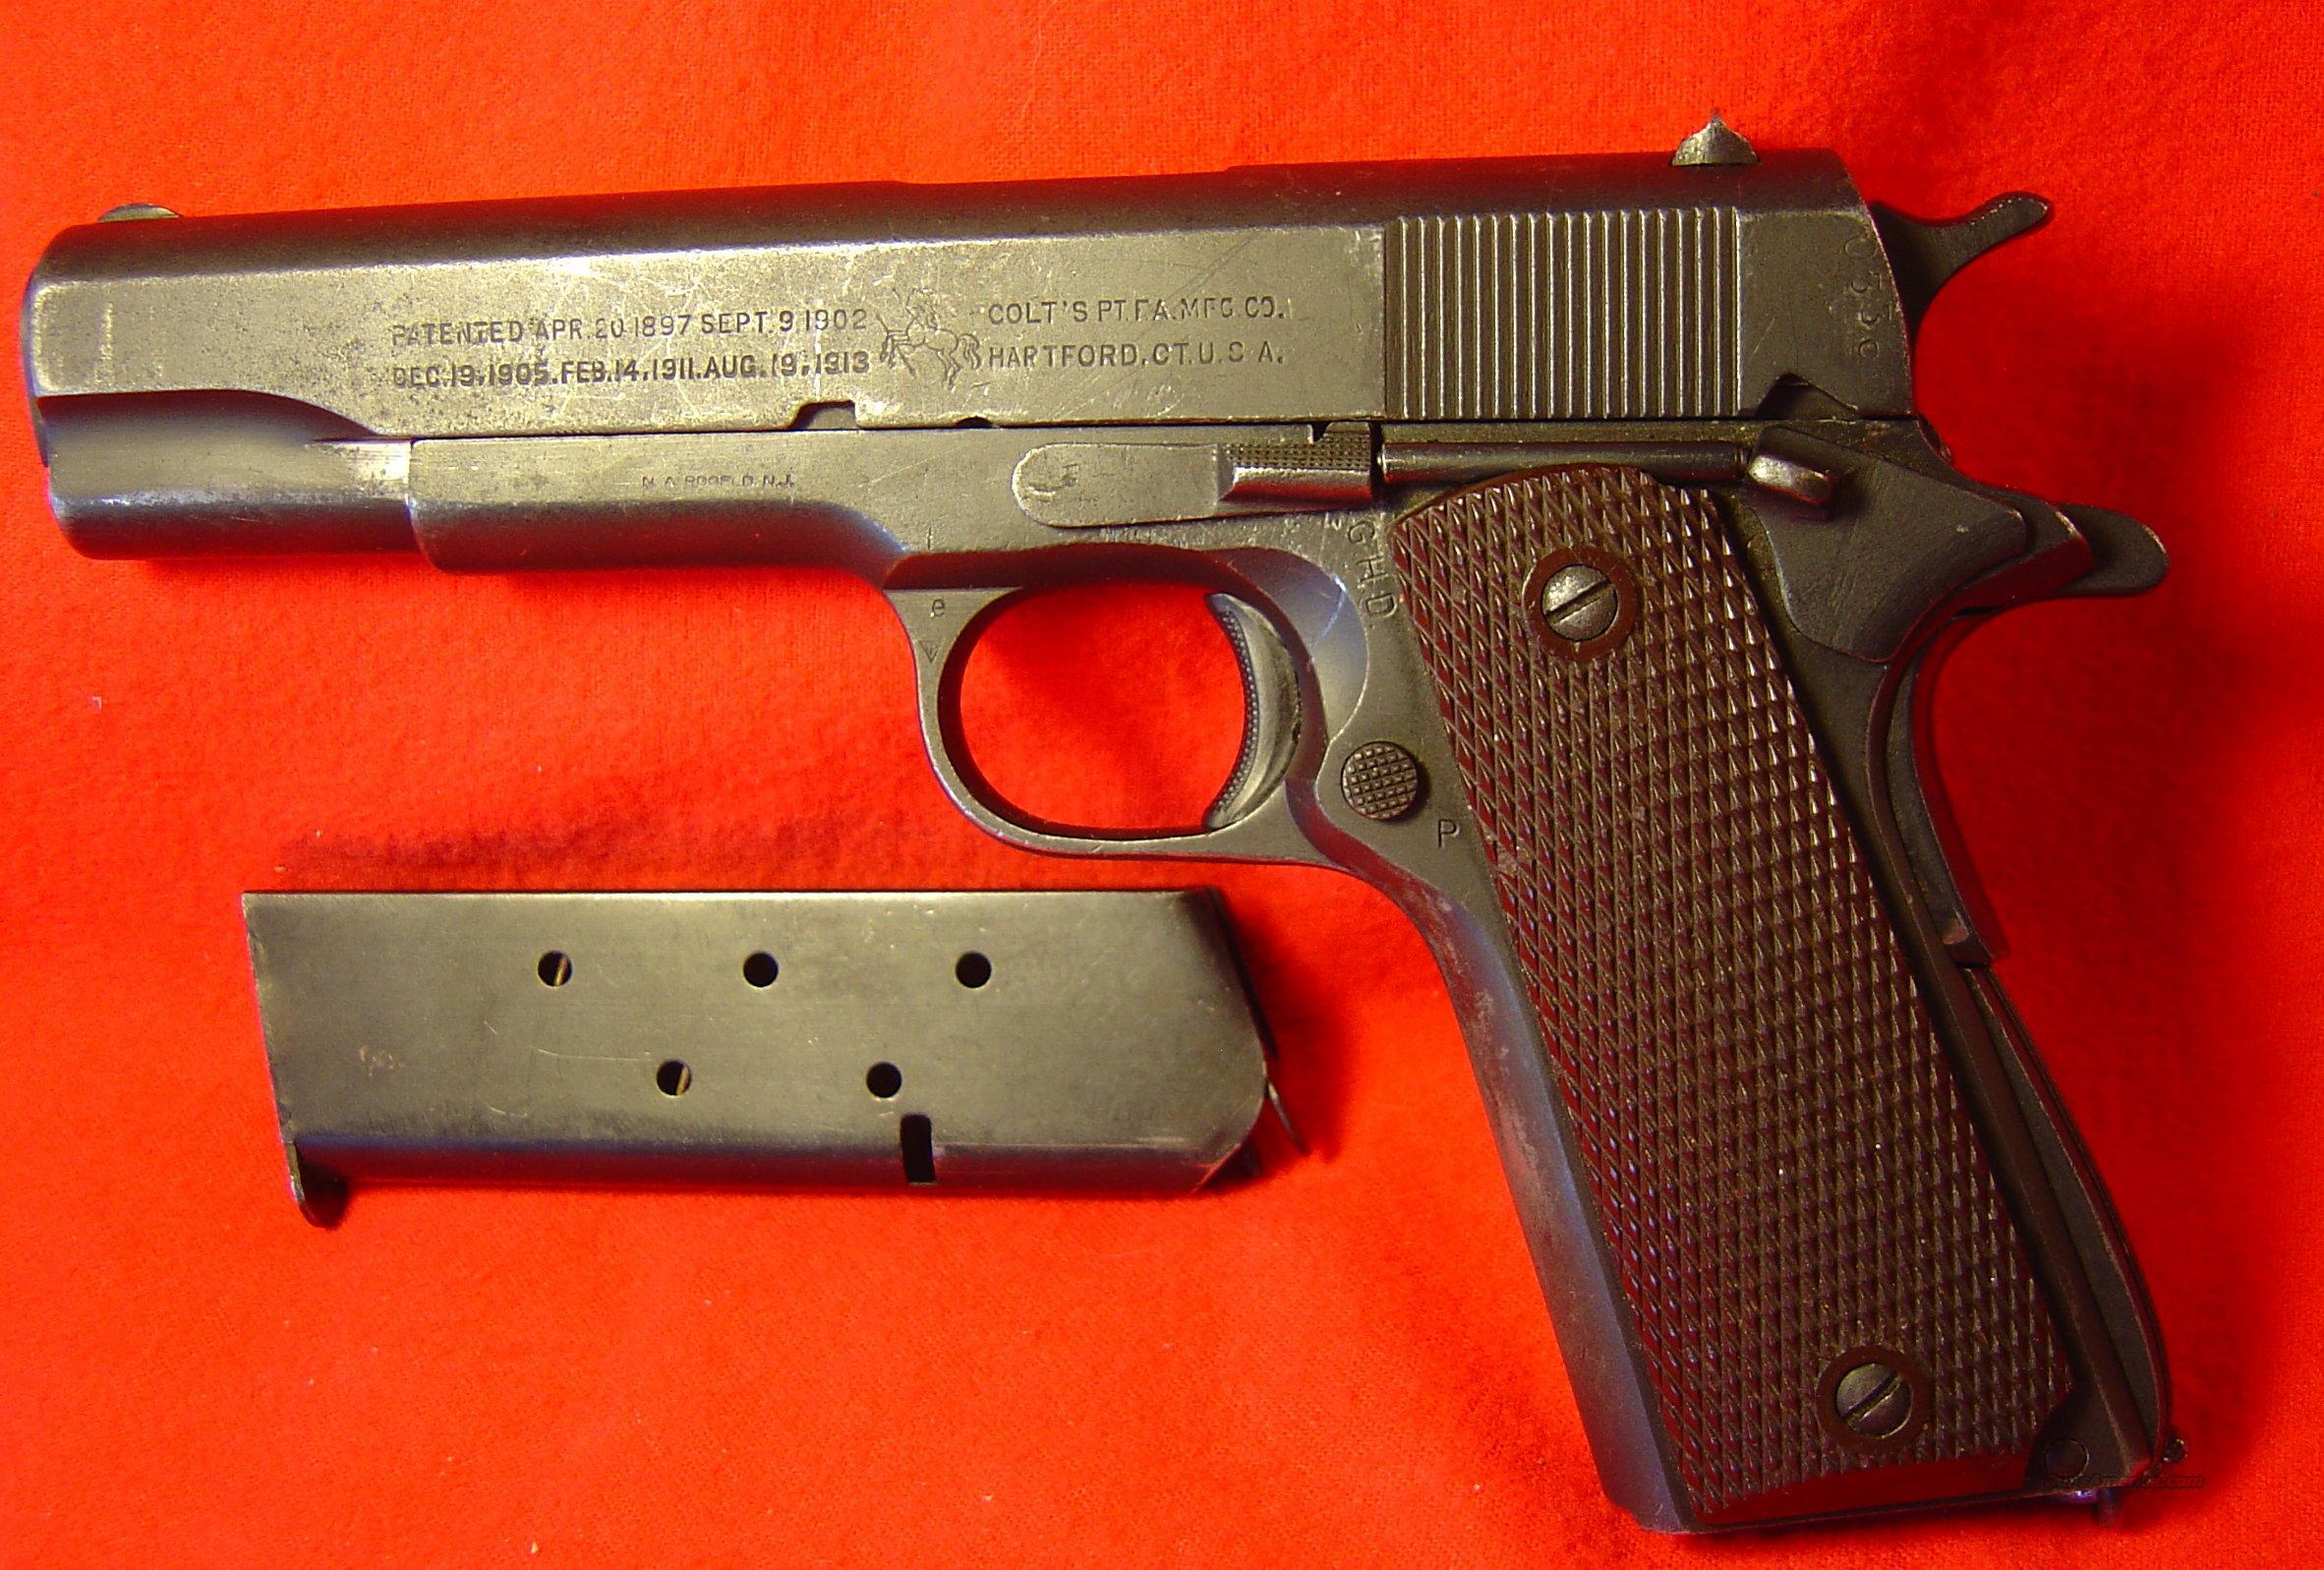 Colt 1911-A1 .45 Caliber Automatic Pistol for sale